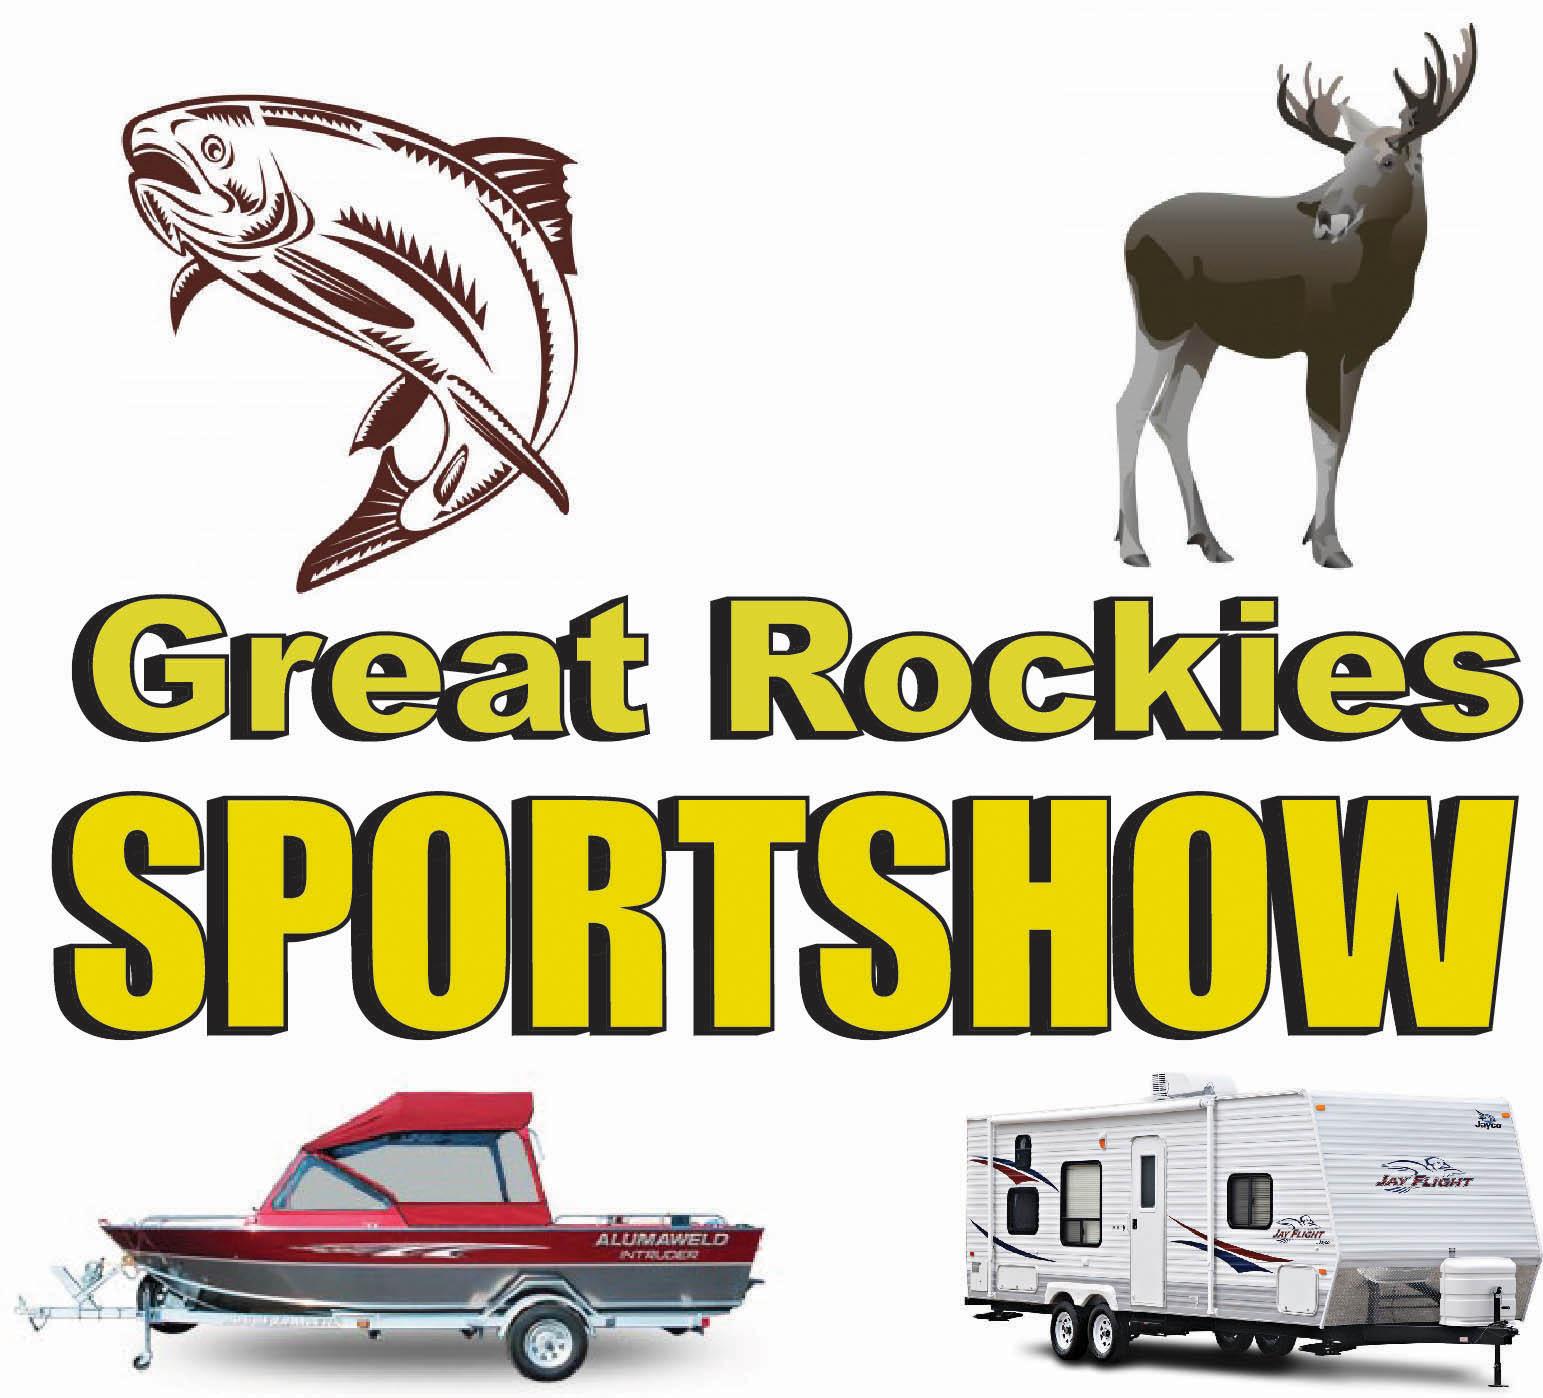 Montana's Great Rockies Sportshow | Helena